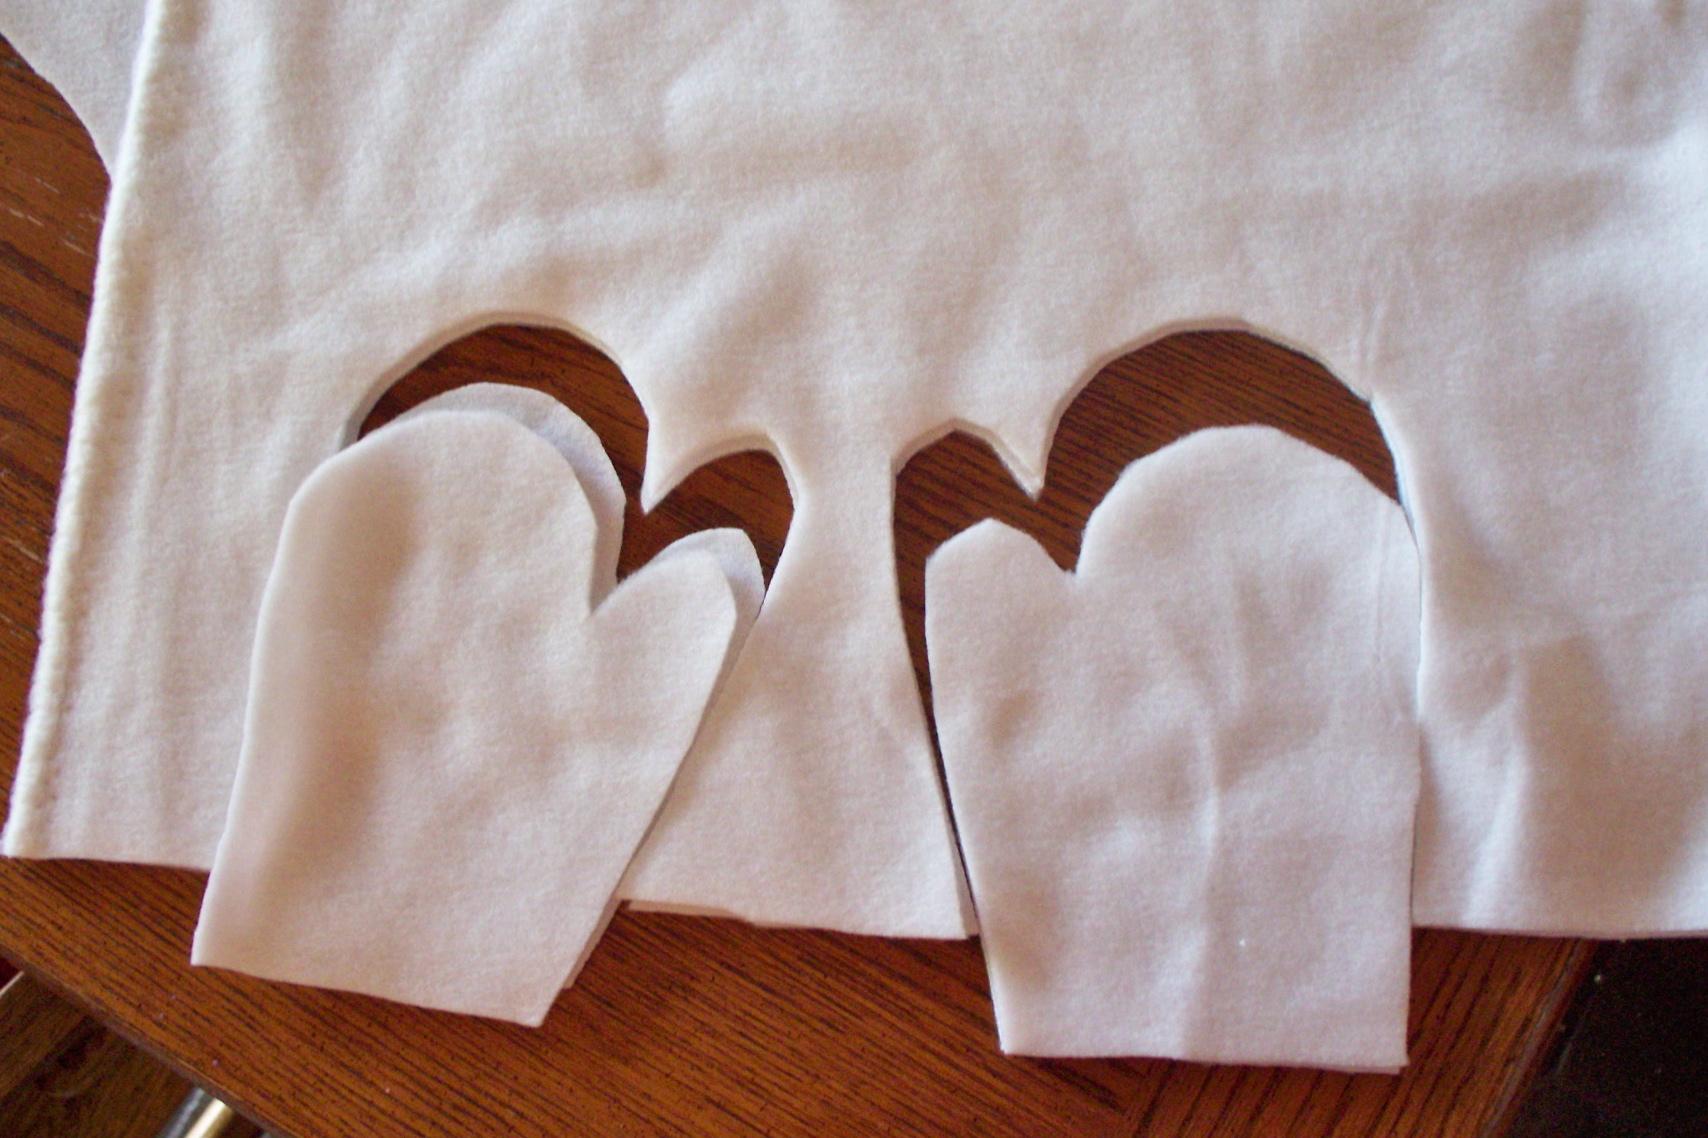 Cutting mittens from fleece